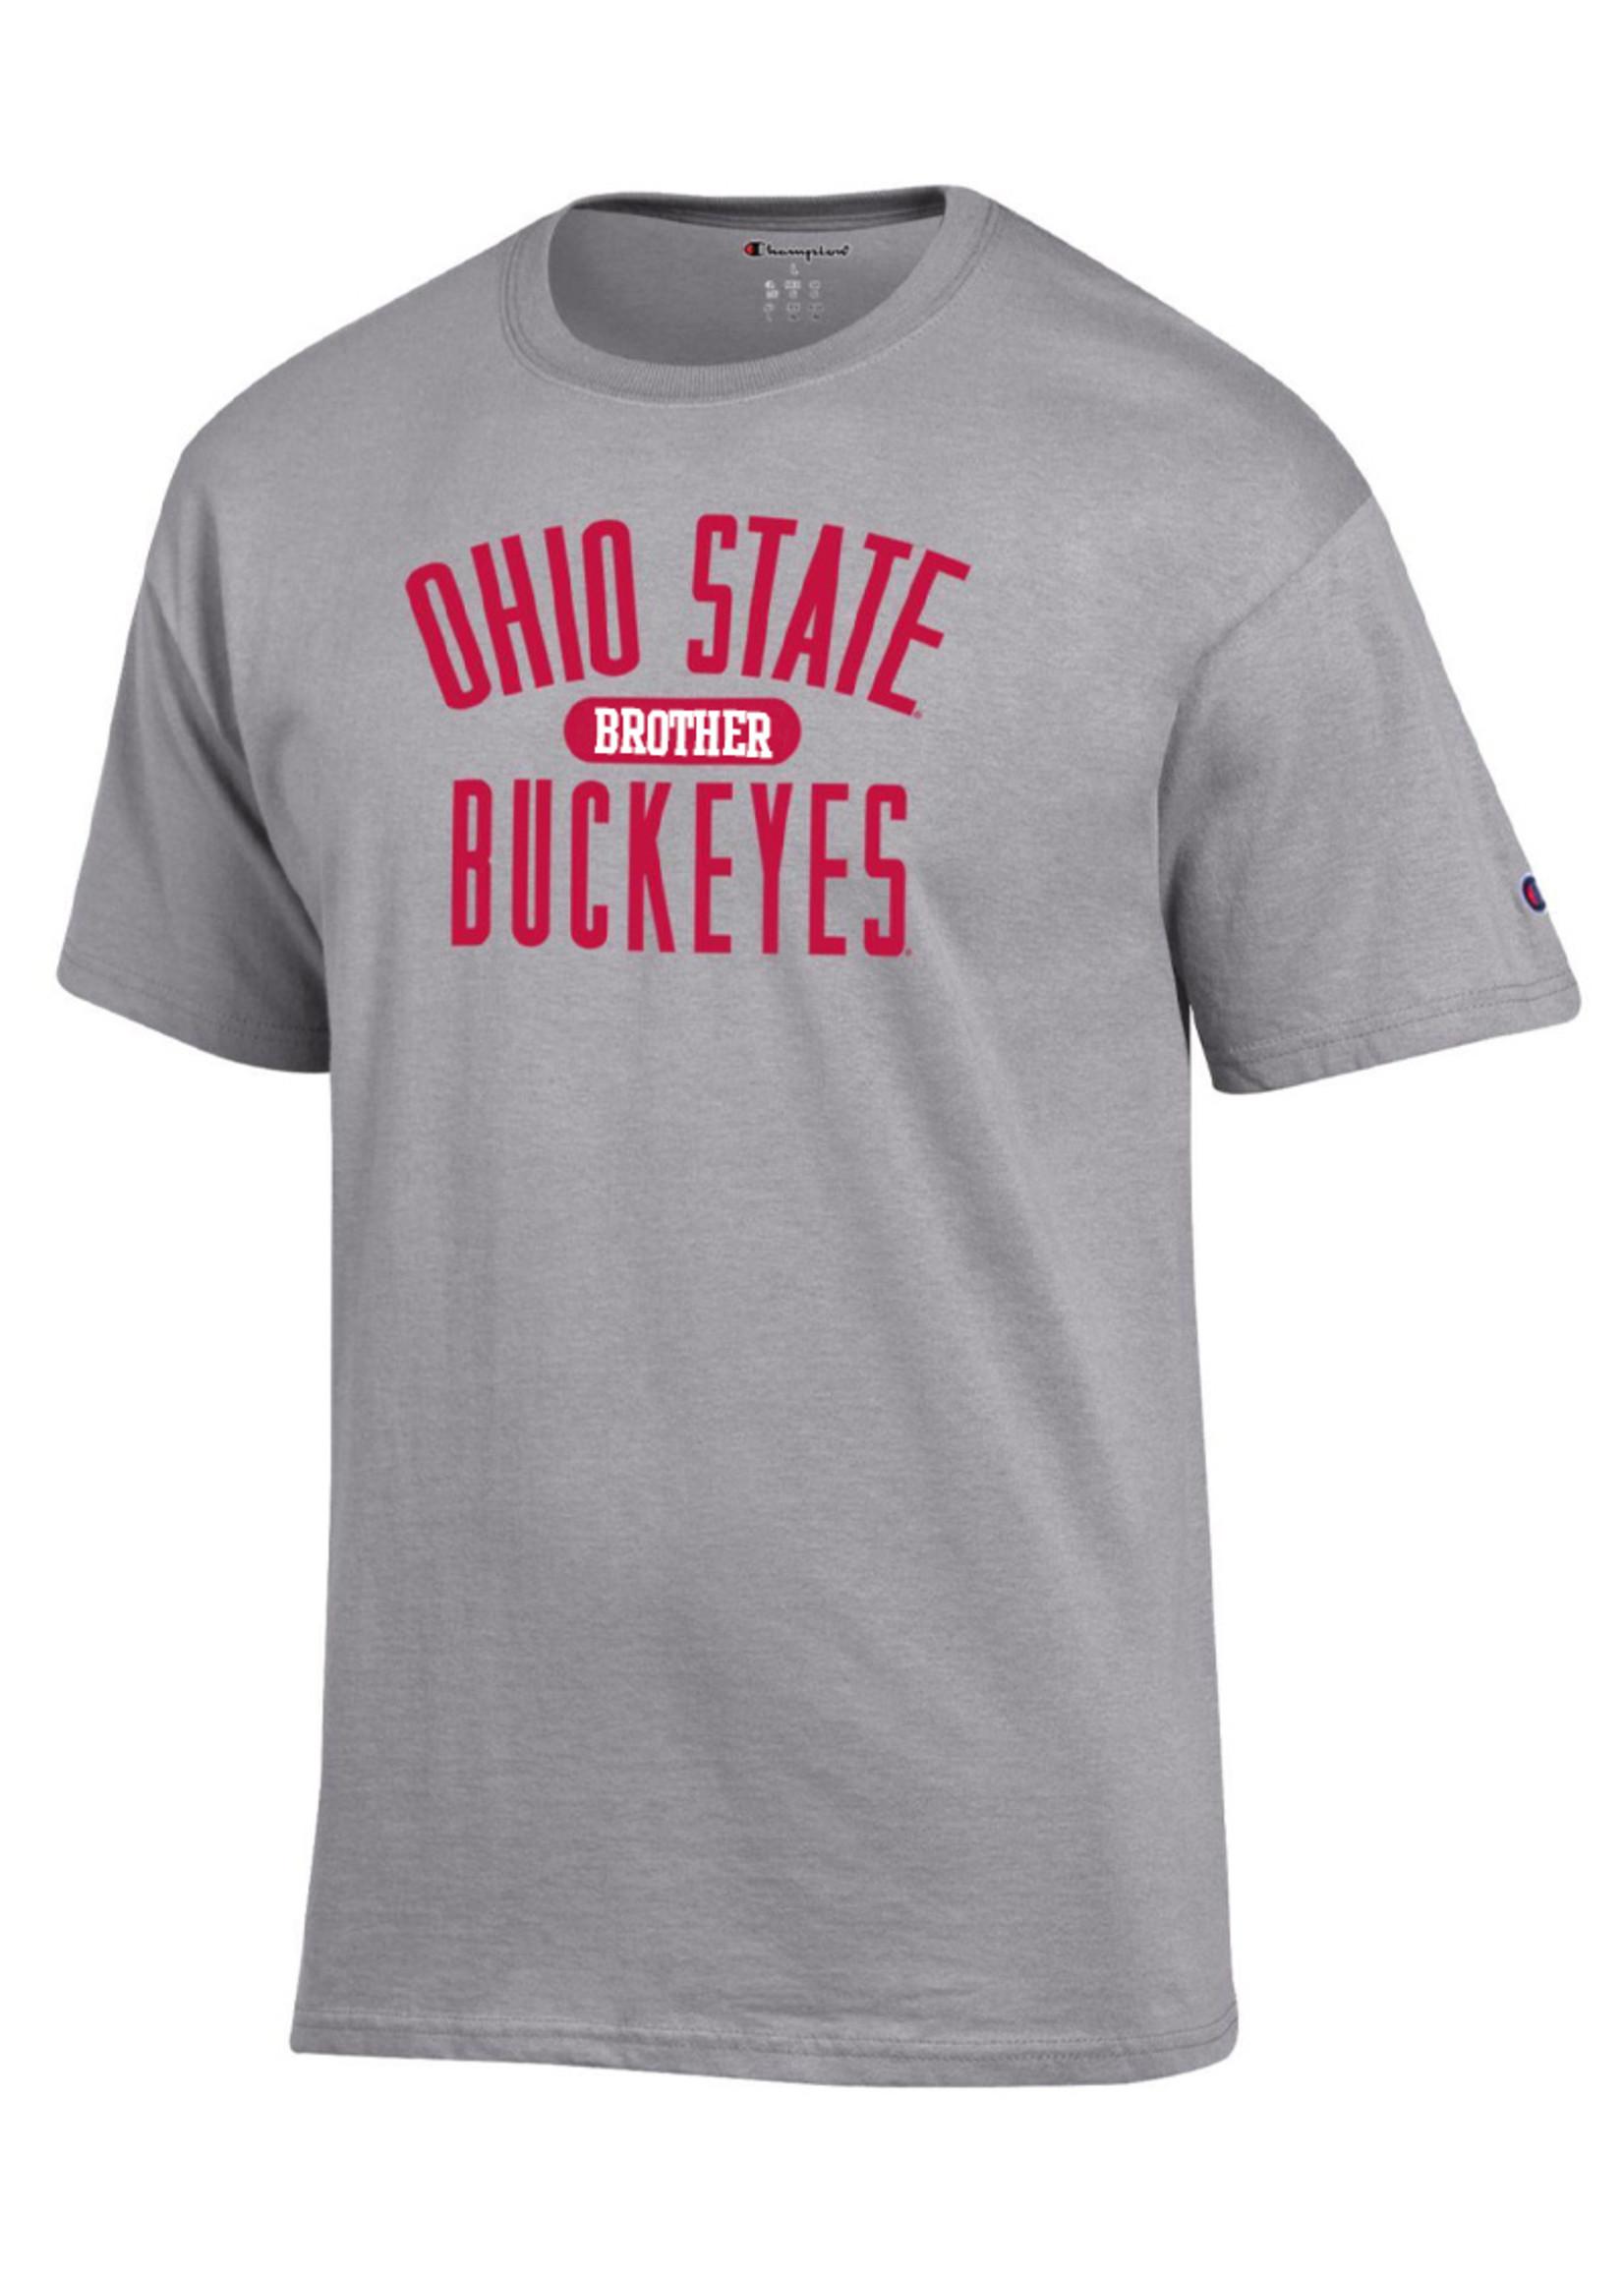 Champion Ohio State Buckeyes Family Shirt